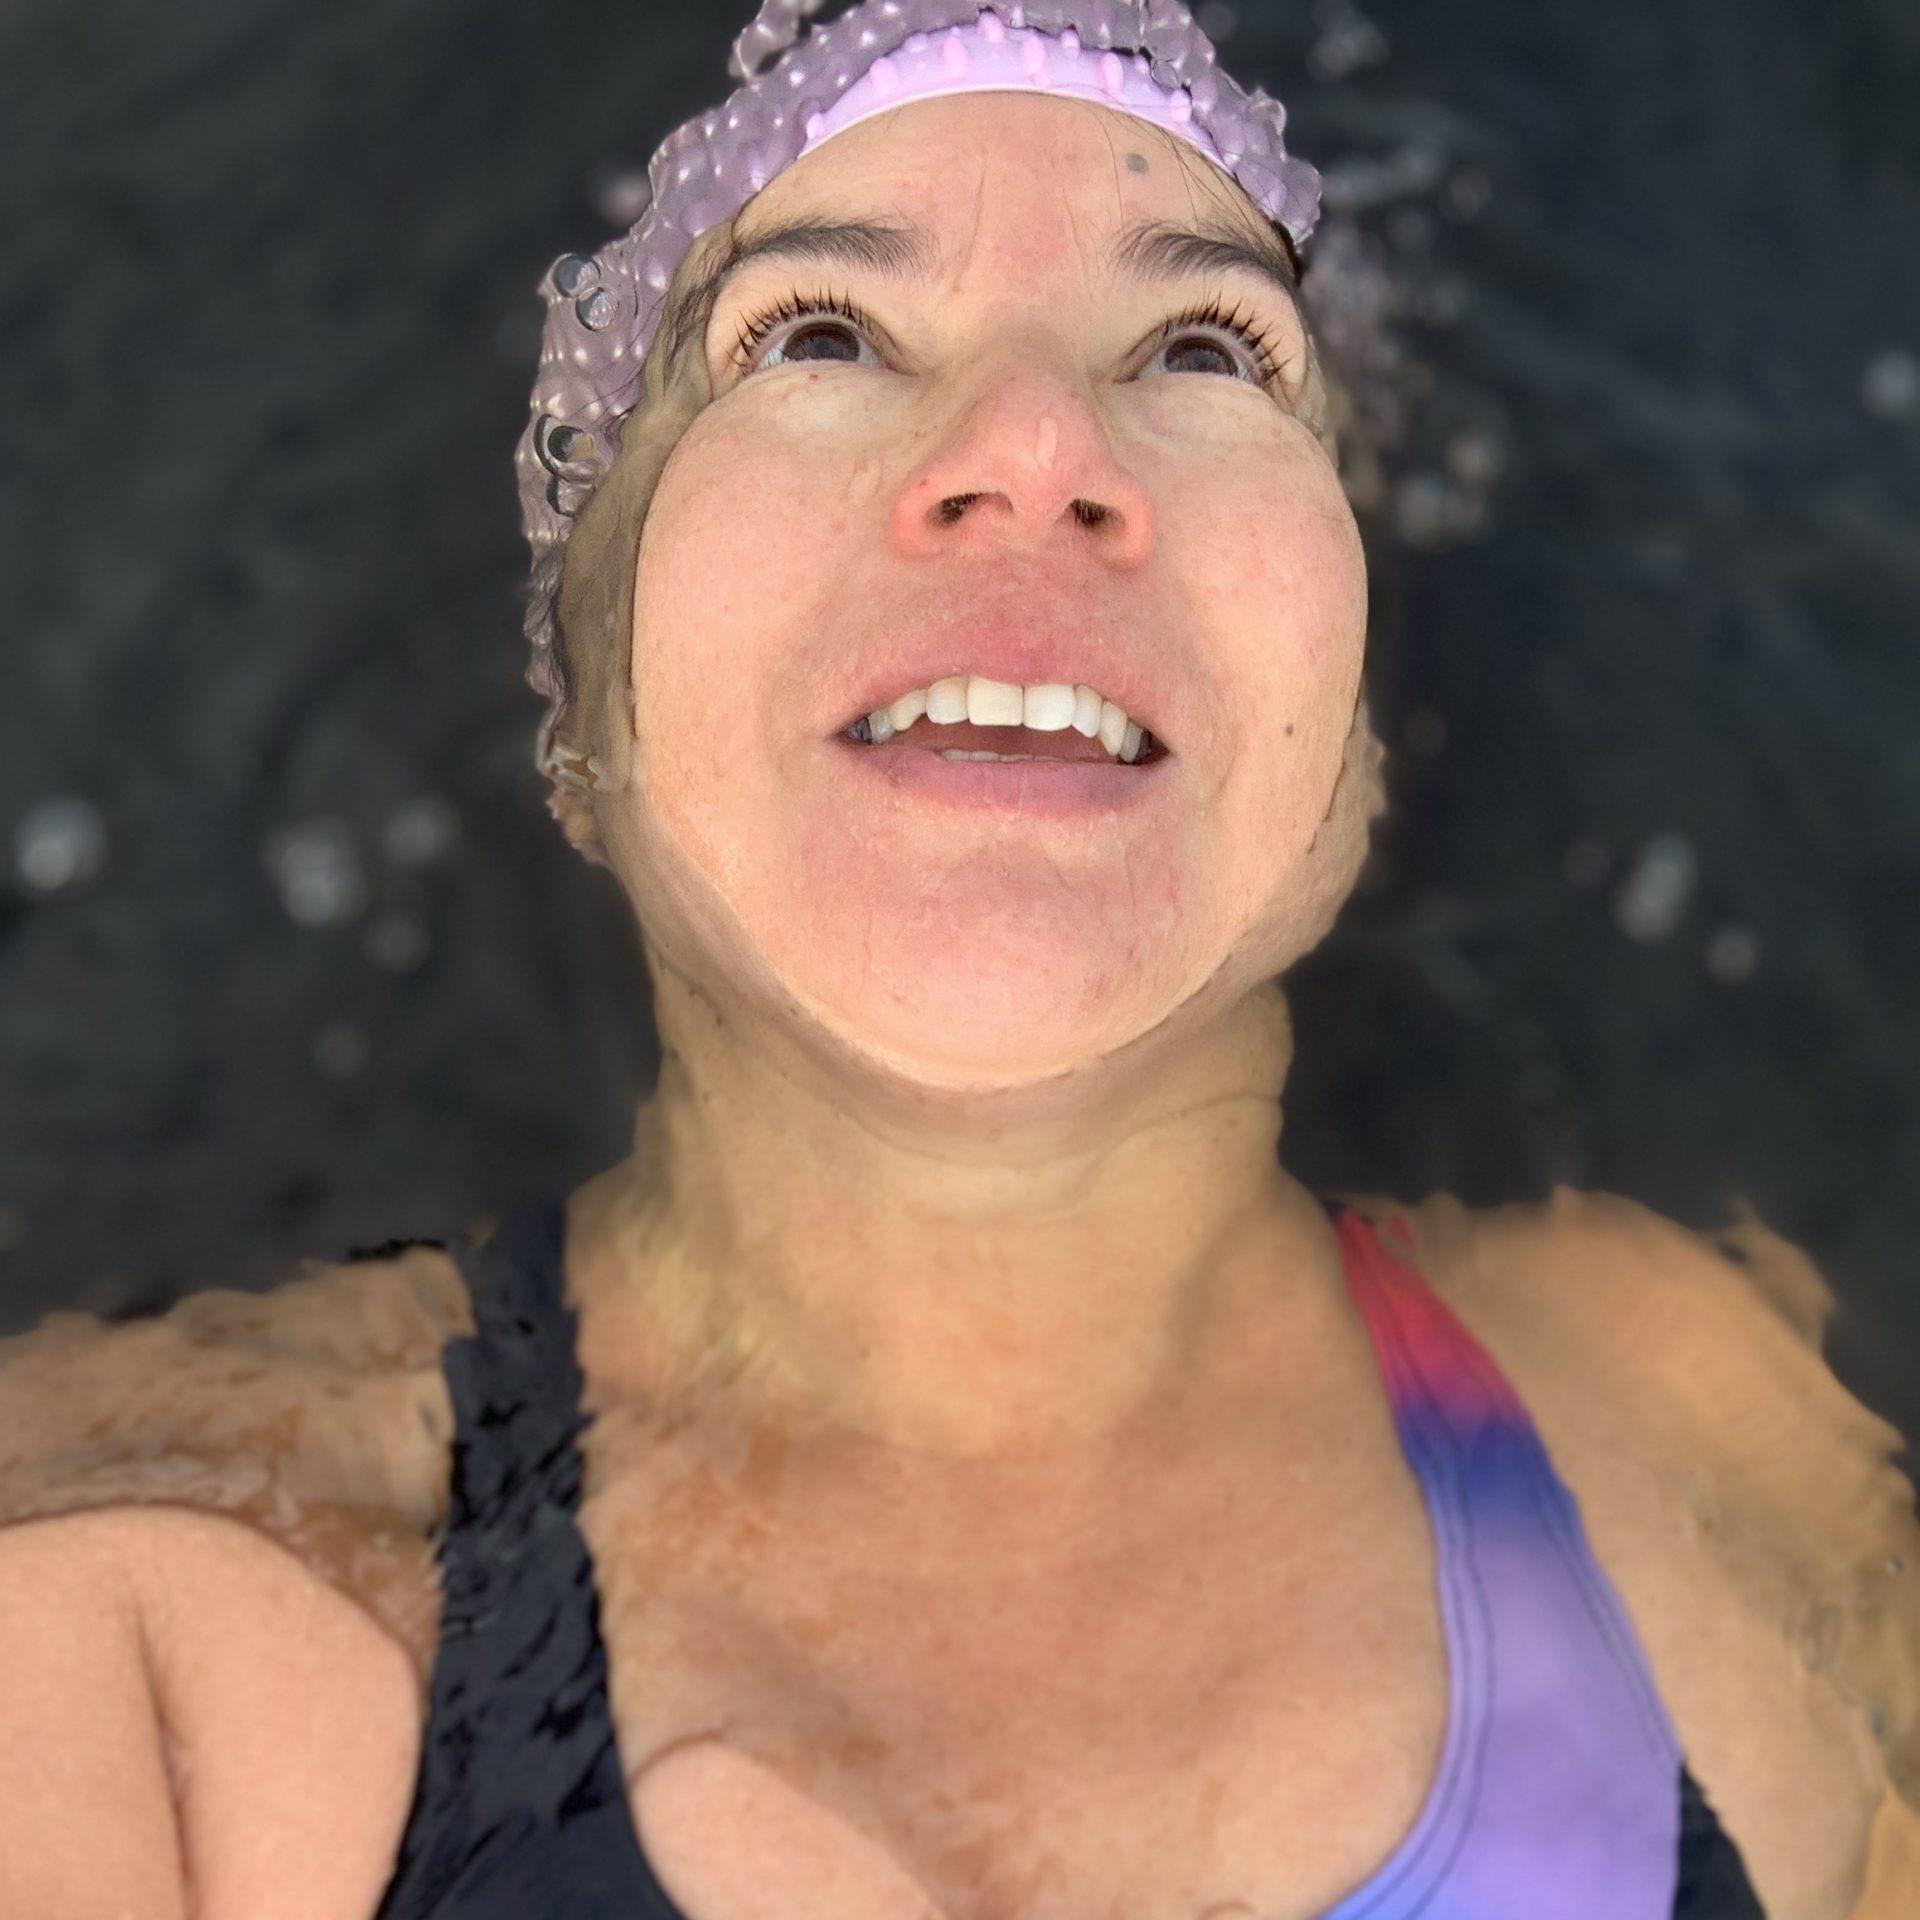 Hoe lang kun je in koud water zwemmen?